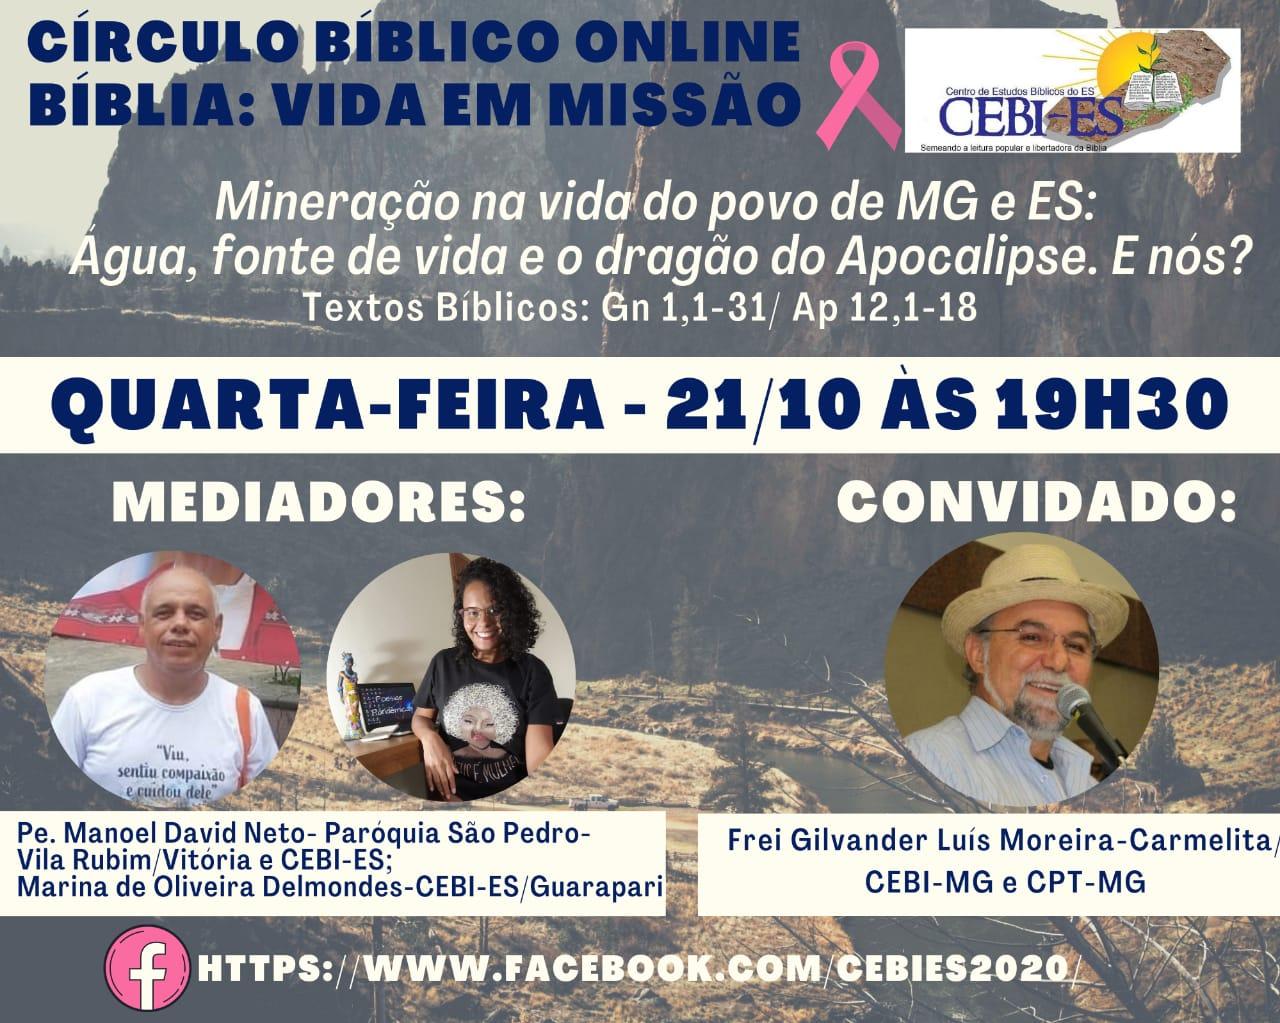 CEBI ES realiza mais um Círculo Bíblico Online sobre mineração na vida do povo de MG e ES